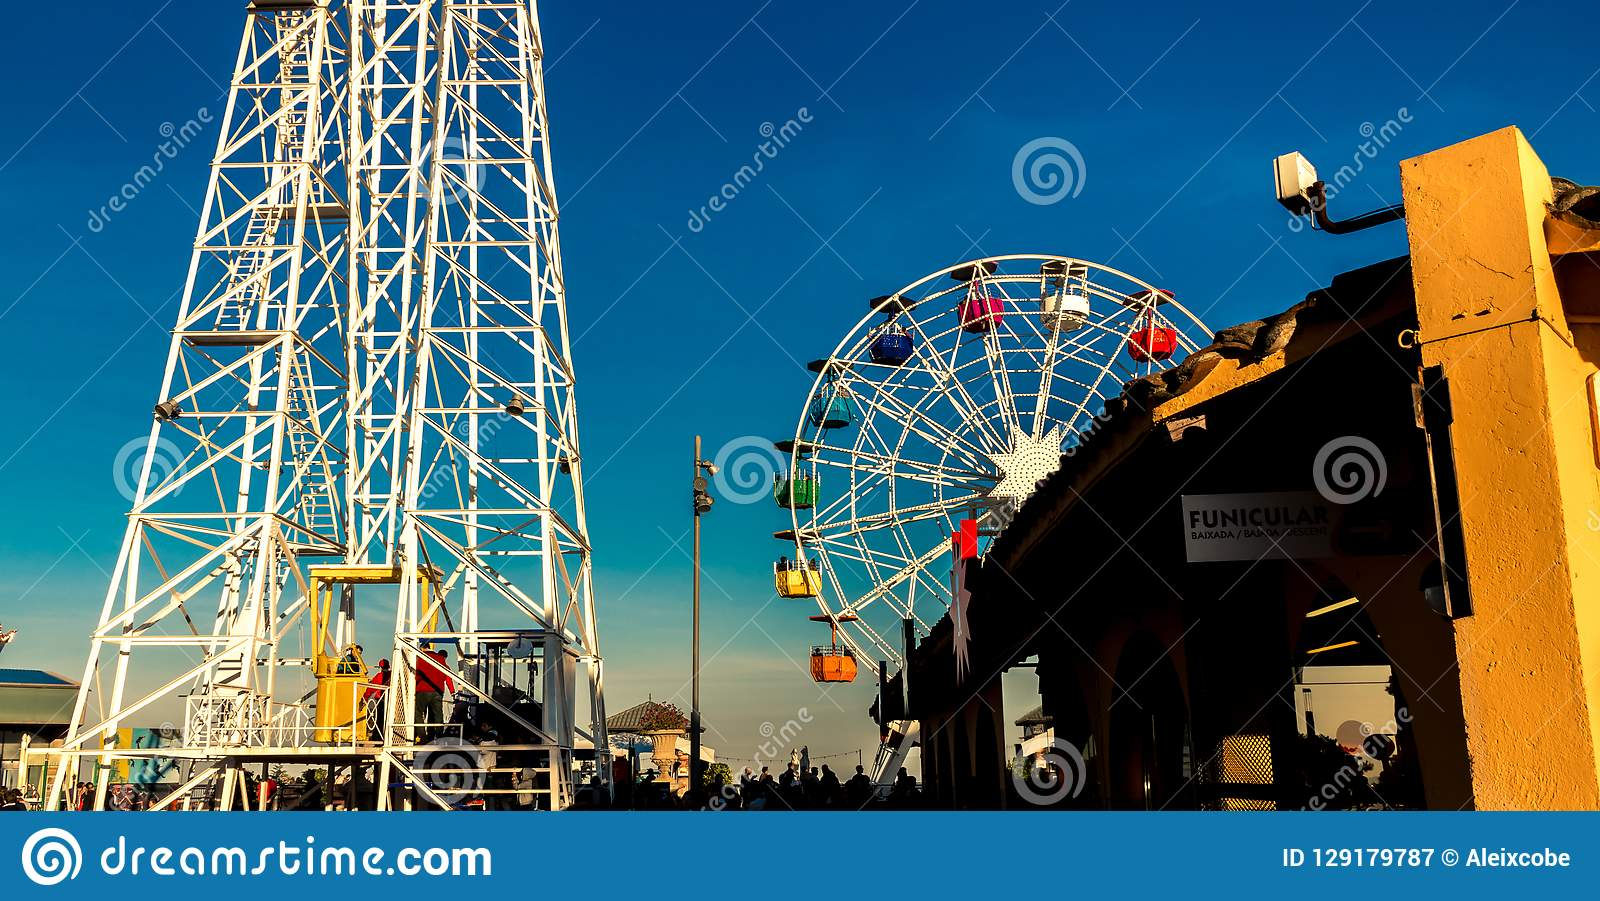 Tibidabo Ferris Wheel in Barcelona